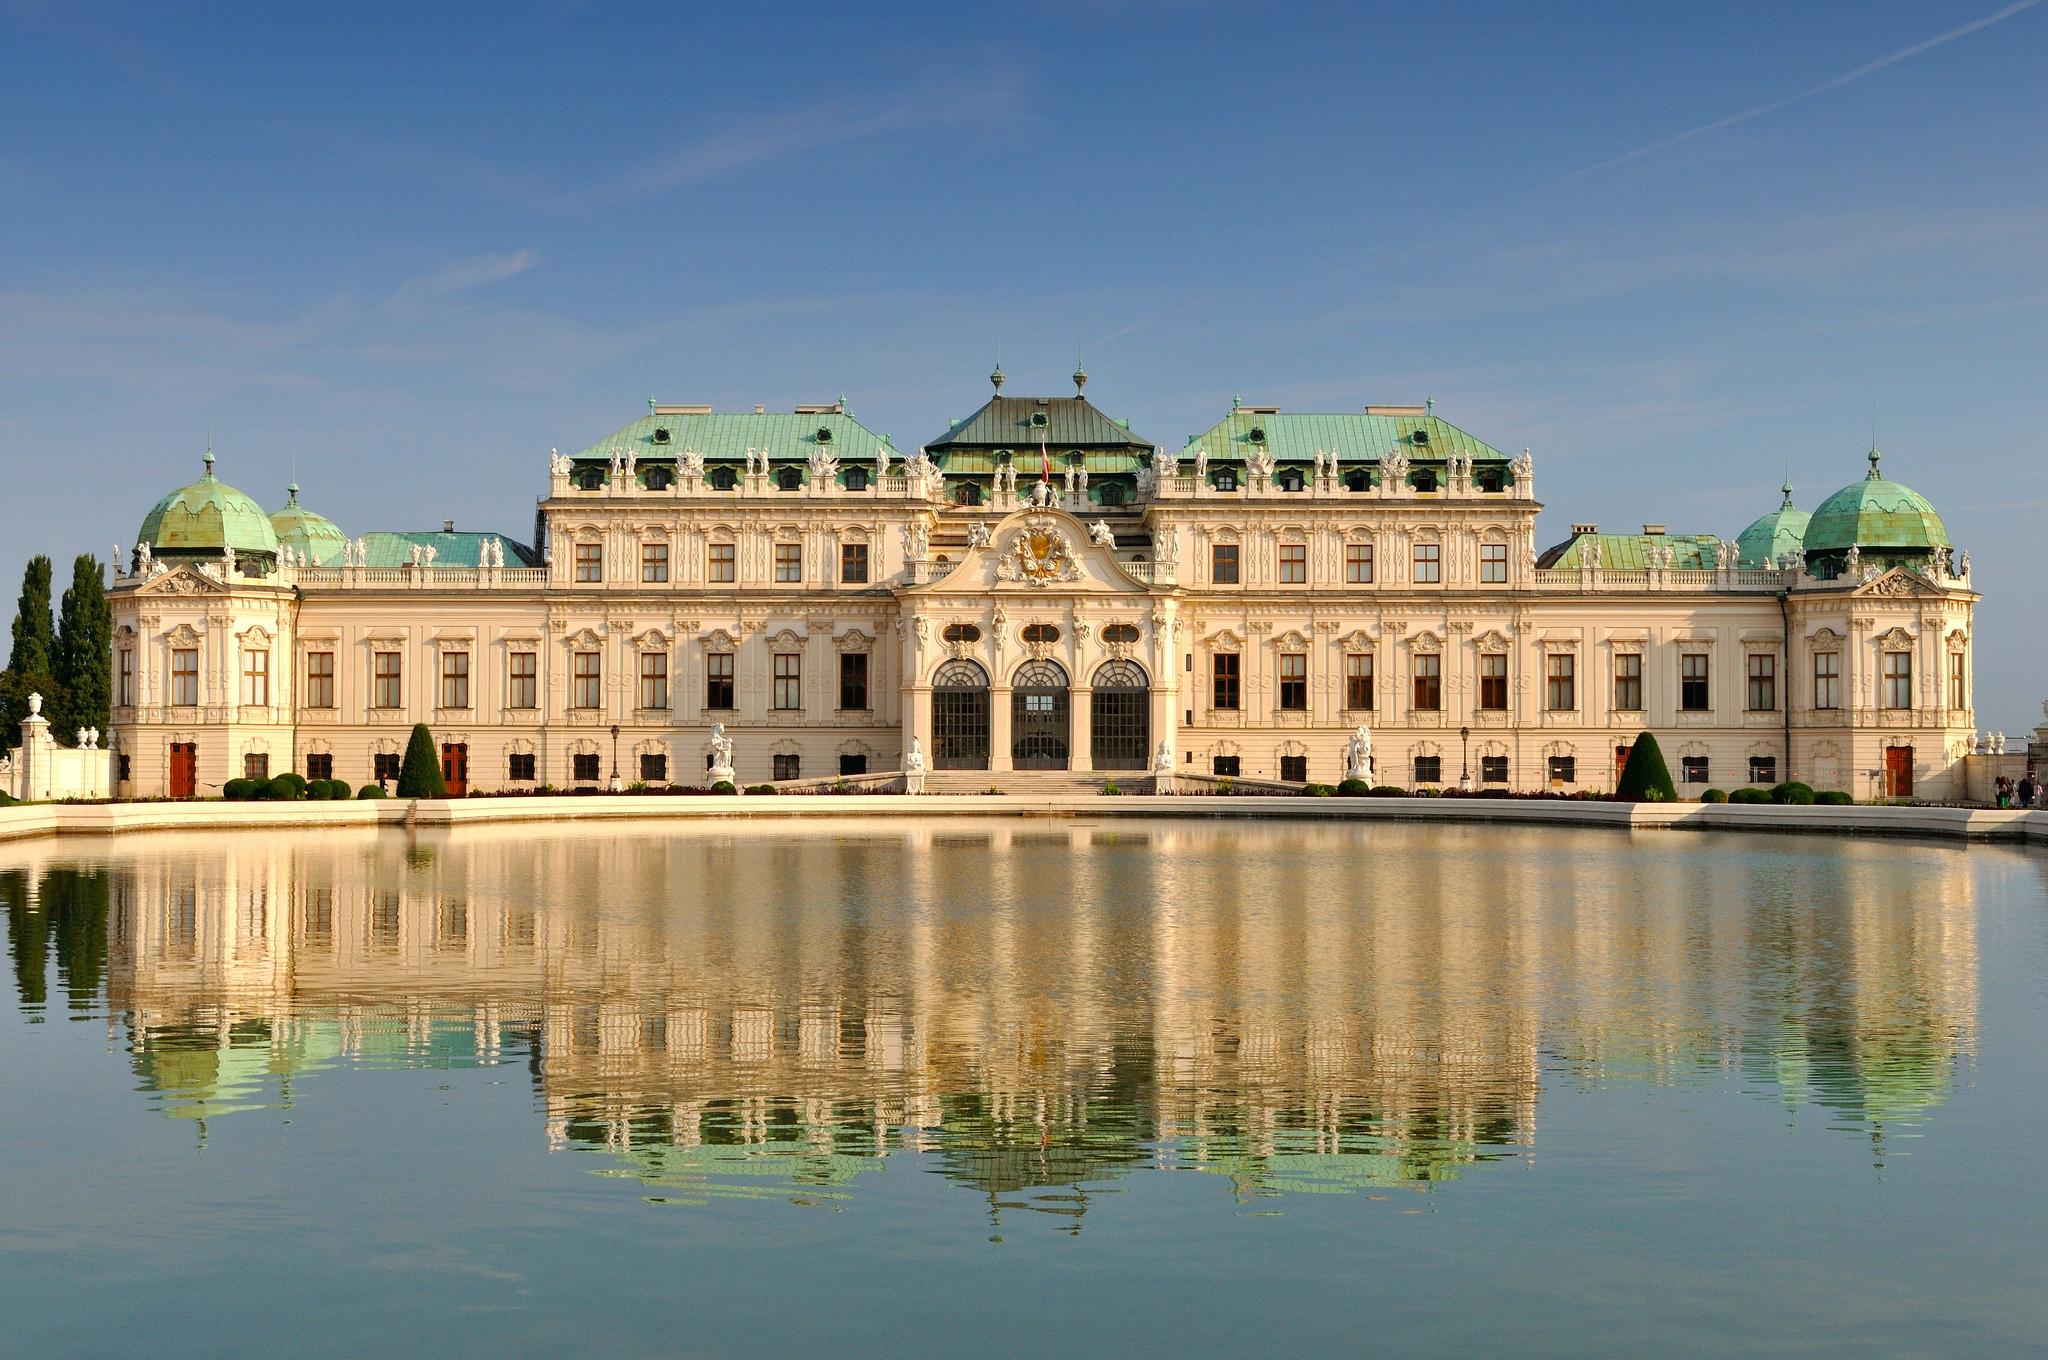 экскурсия из праги в вену: бельведер